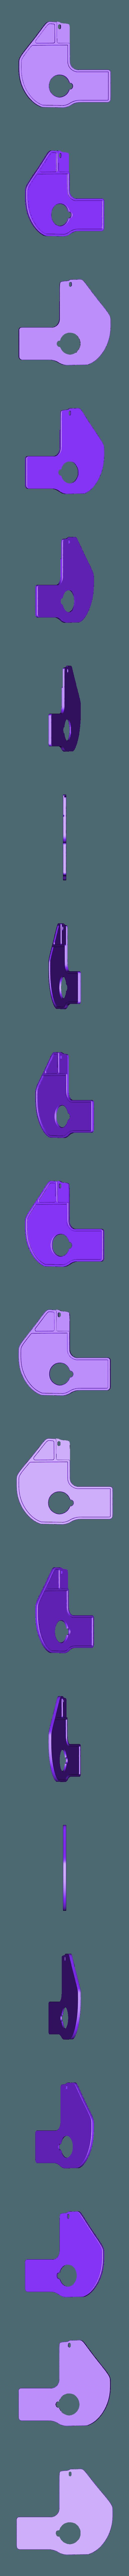 Sideplate.stl Télécharger fichier STL gratuit Bobine d'imprimante Brother Label DK • Design pour imprimante 3D, Oggie